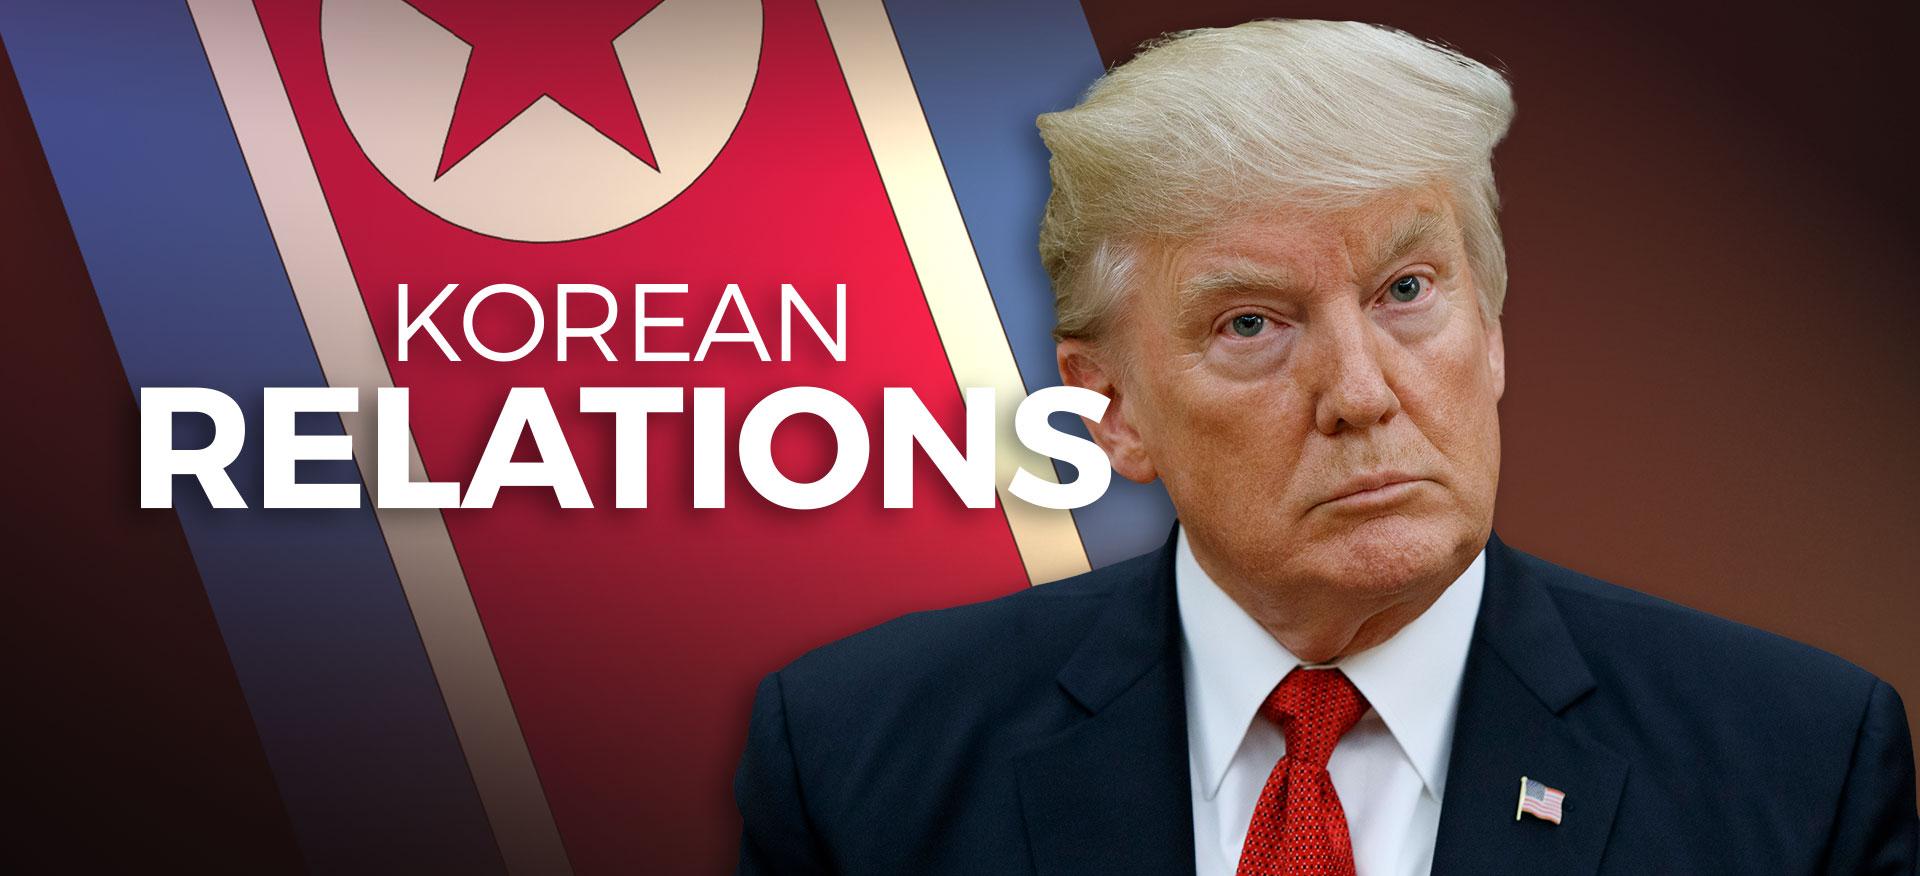 Trump Korean Relations